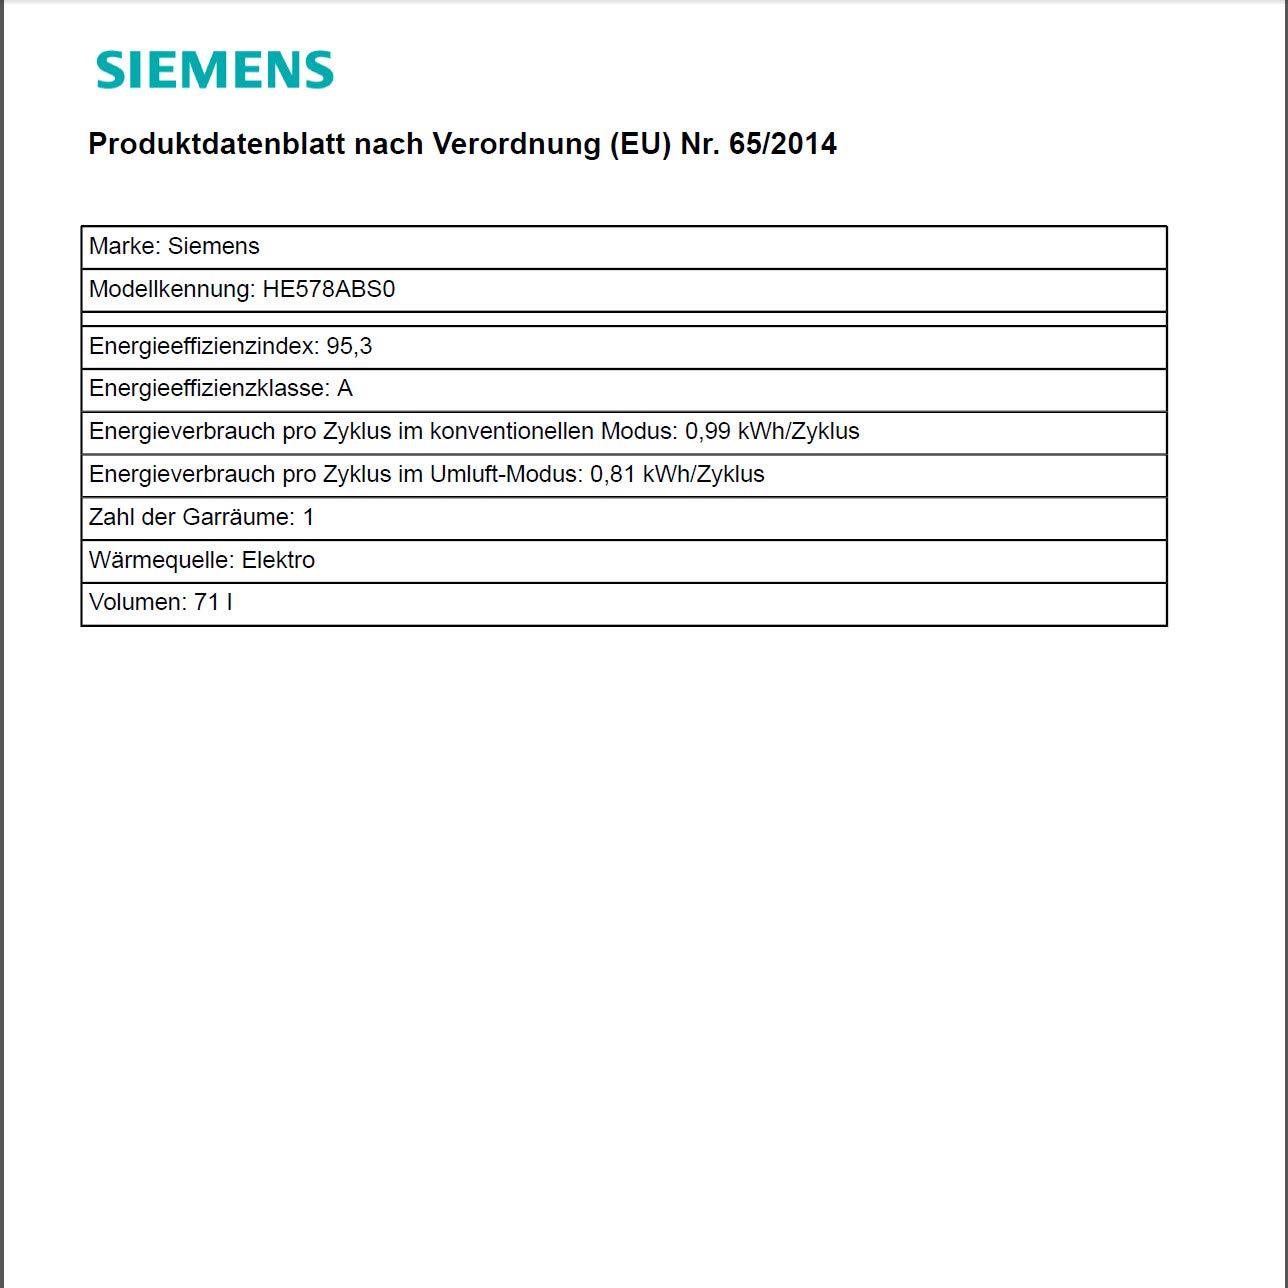 Siemens pq521ka00 herd kochfeld kombination einbau 59 for Herd kochfeld kombination